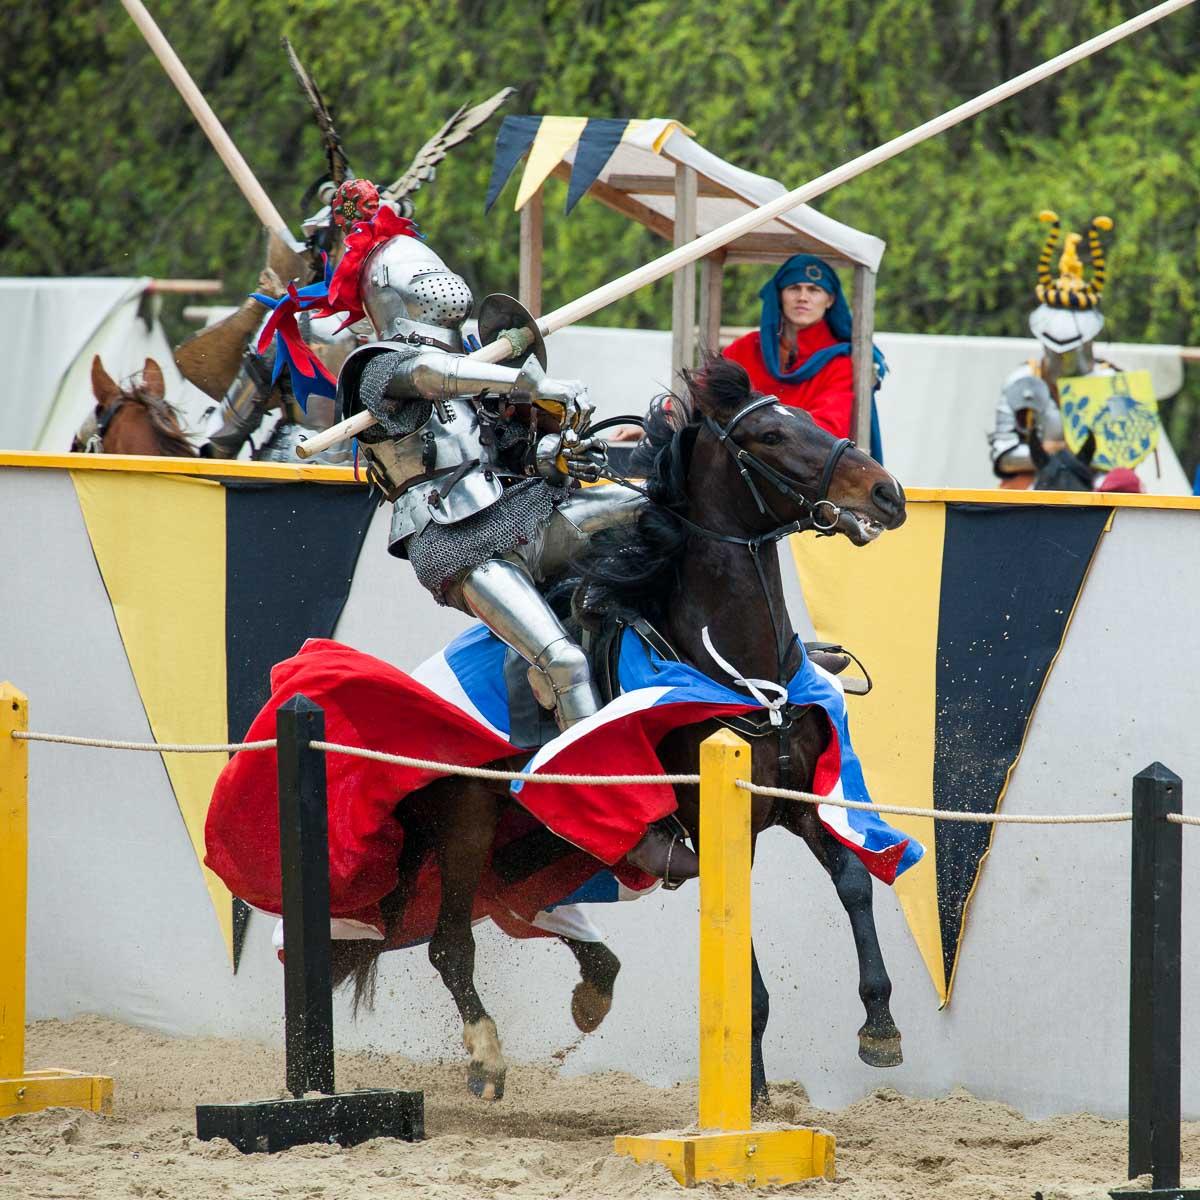 турнир, рыцарь, всадник, лошадь, копье, схватка, сражение, Сергей Козинцев